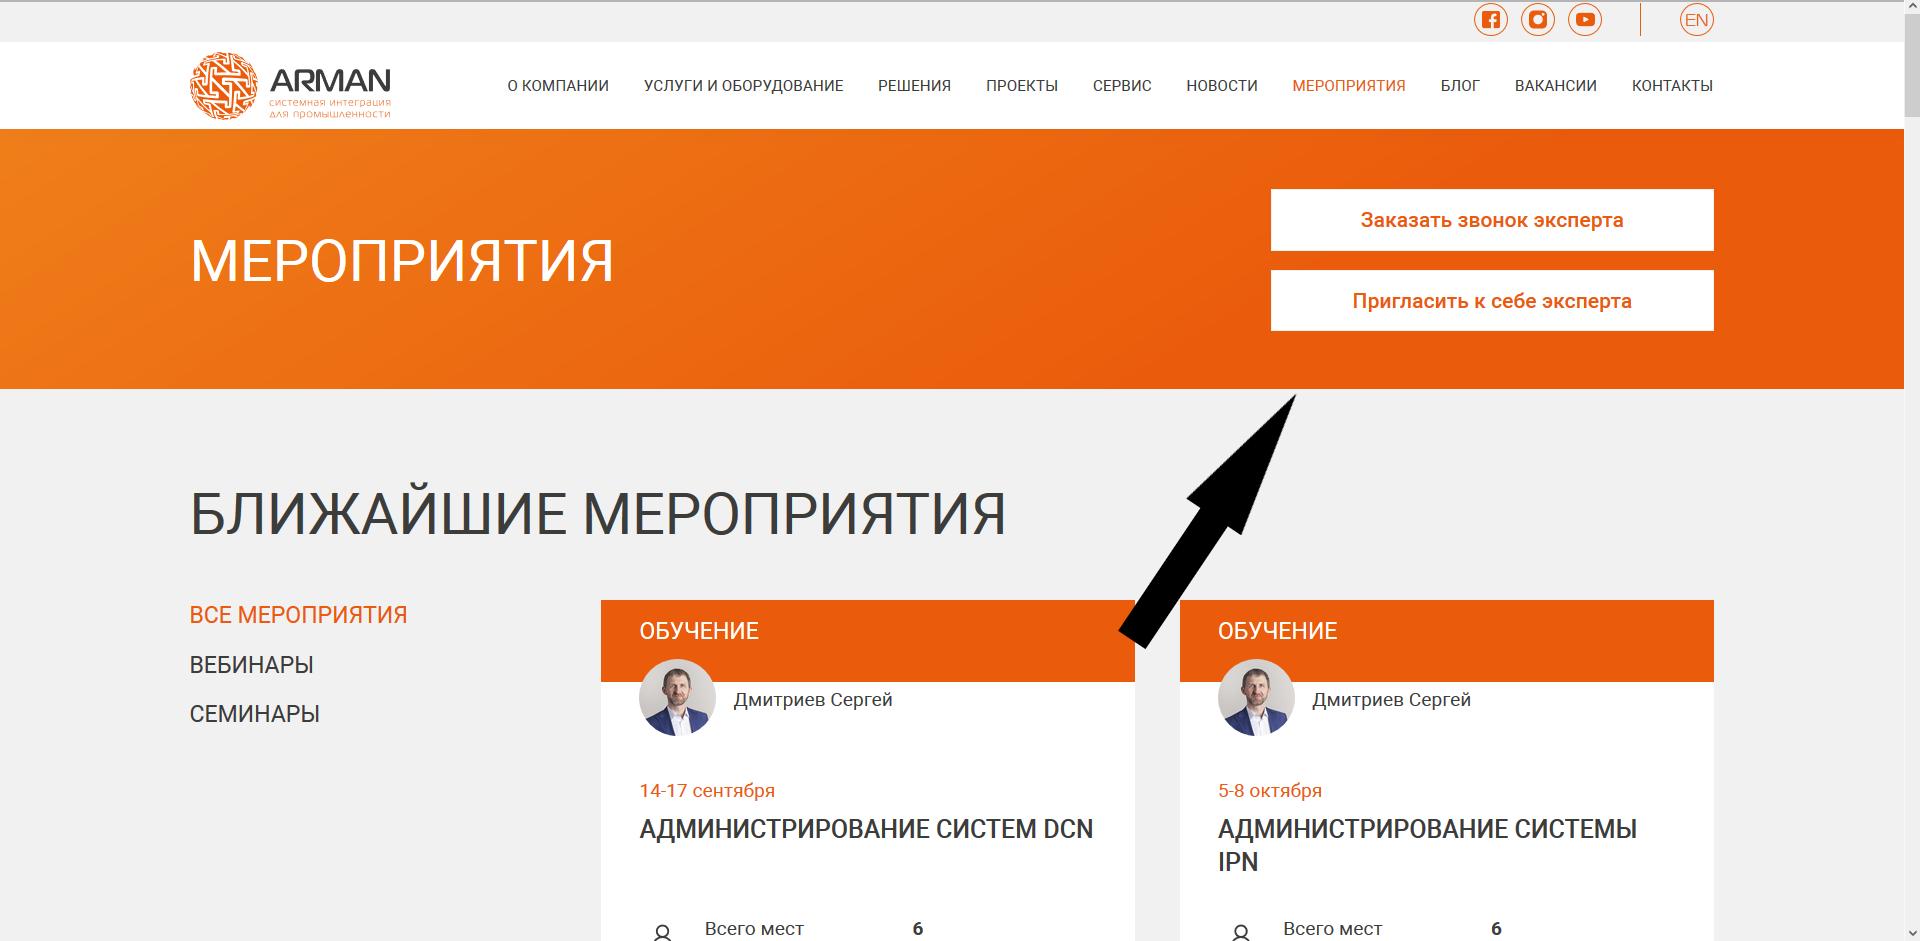 Новая функция на нашем сайте - заказать техническую консультацию по телефону или личную встречу с экспертами!